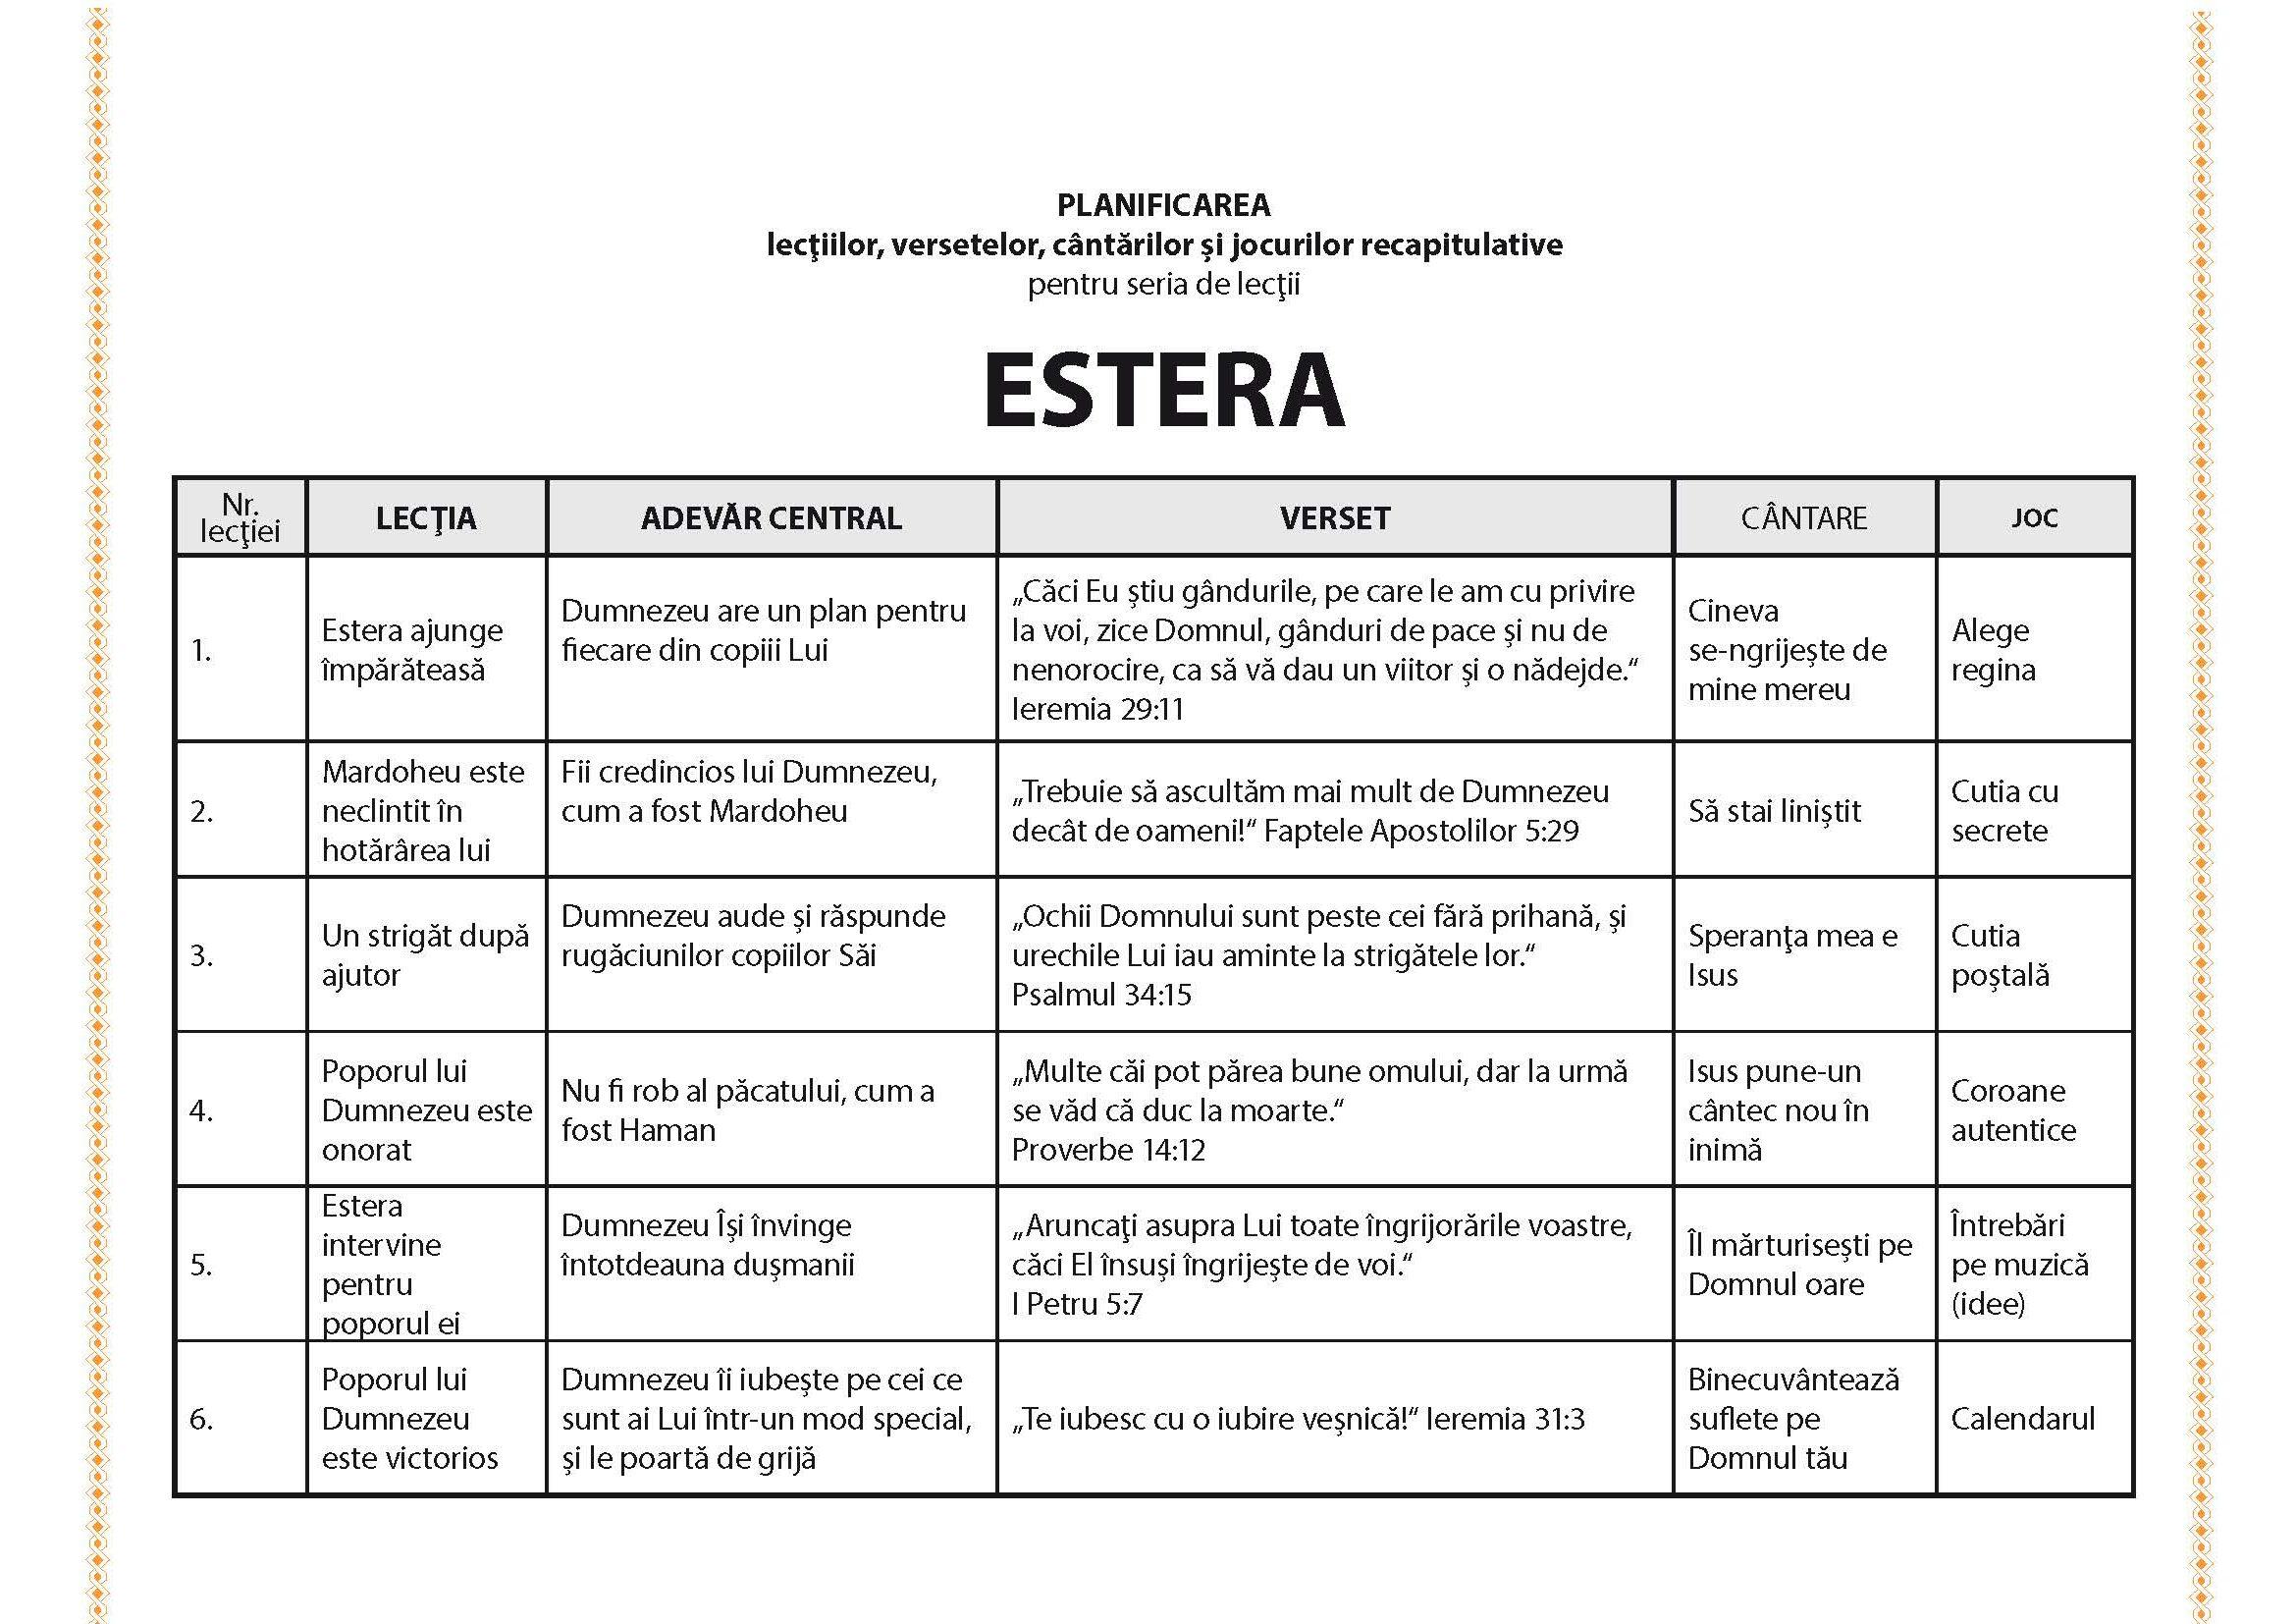 Planificare_Estera 2013